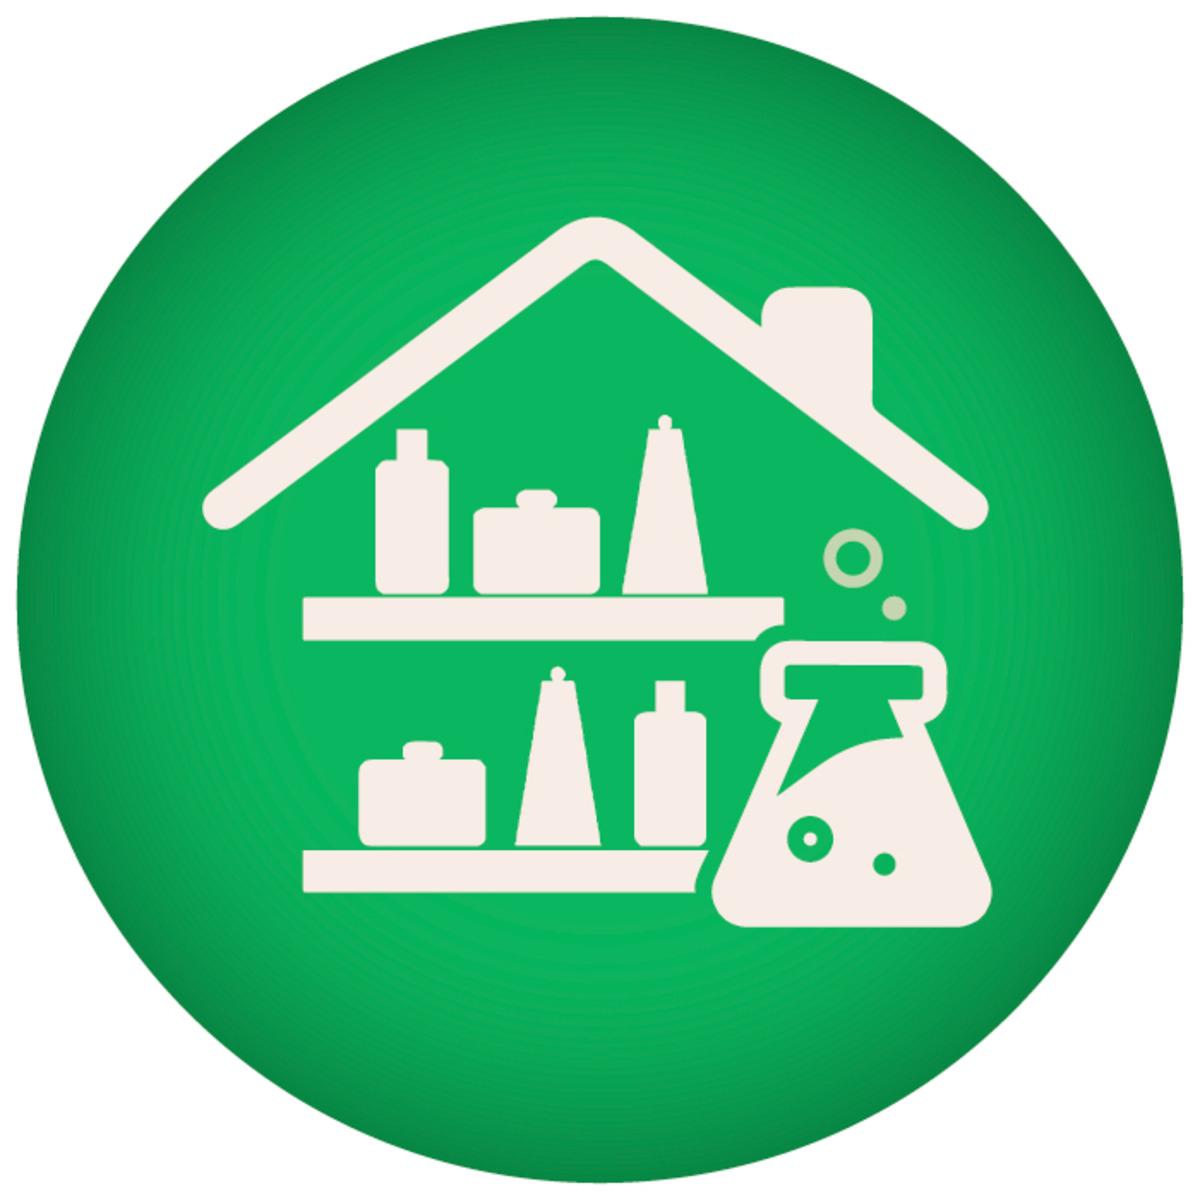 qumica en mi casa course image